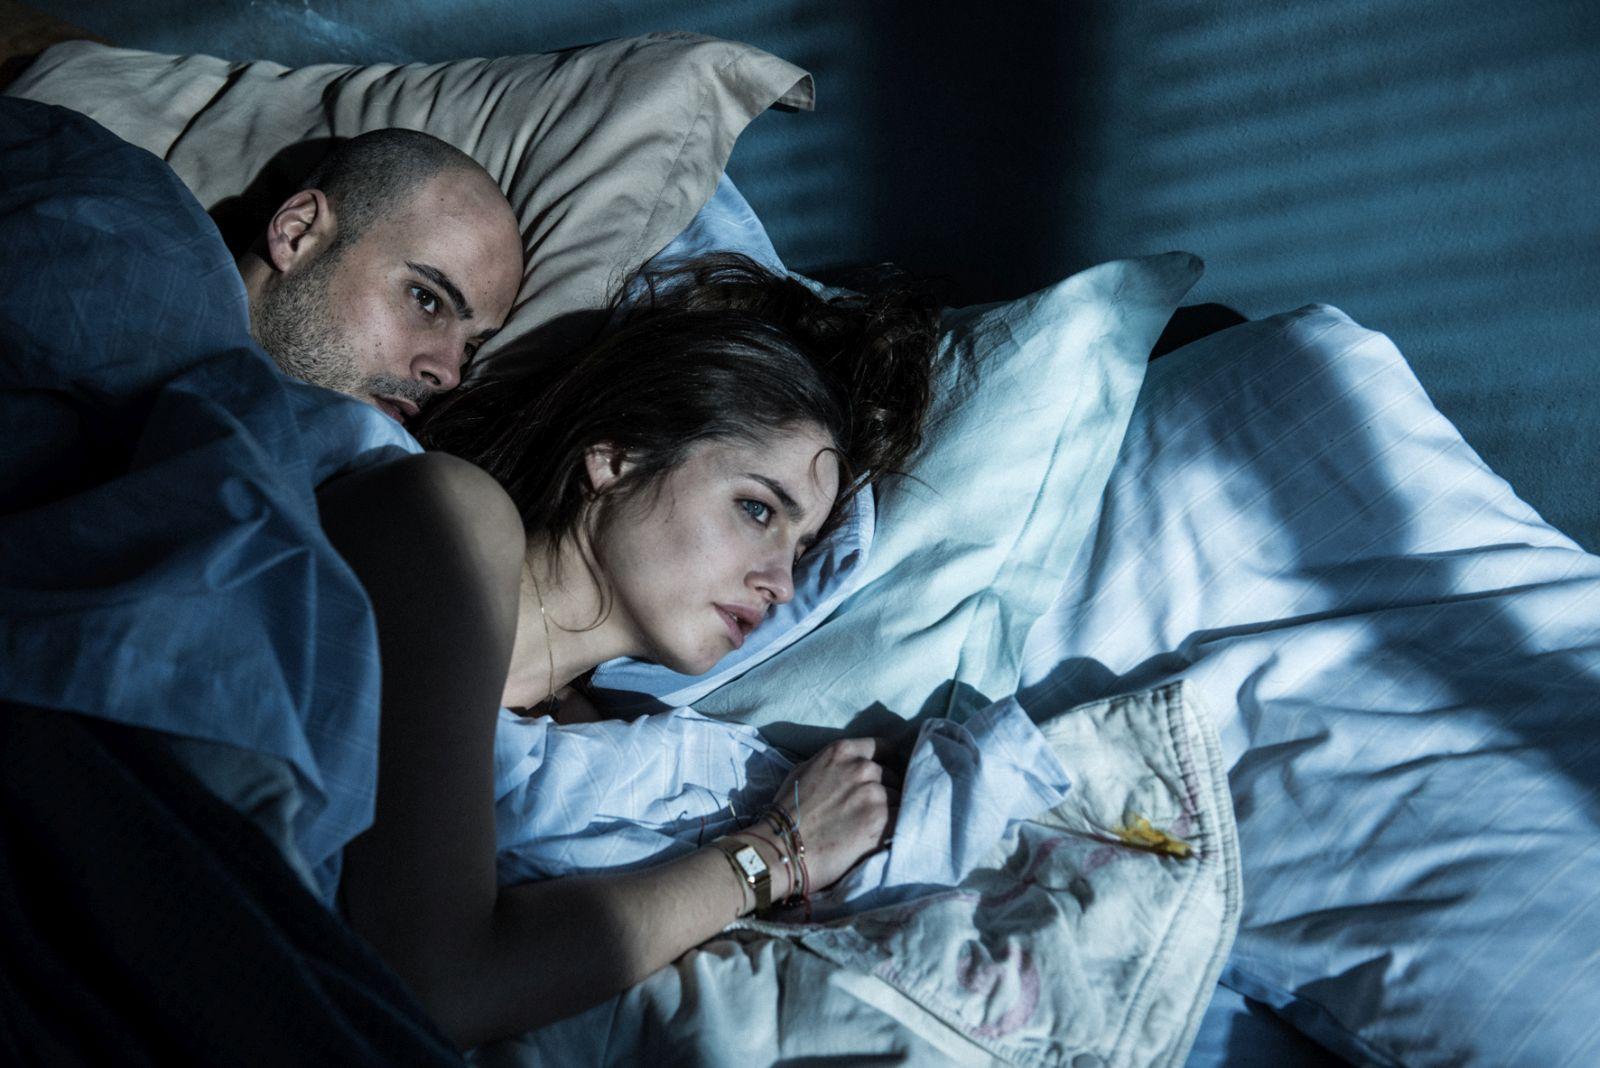 Un posto sicuro: Matilde Gioli e Marco D'Amore in un intenso momento del film